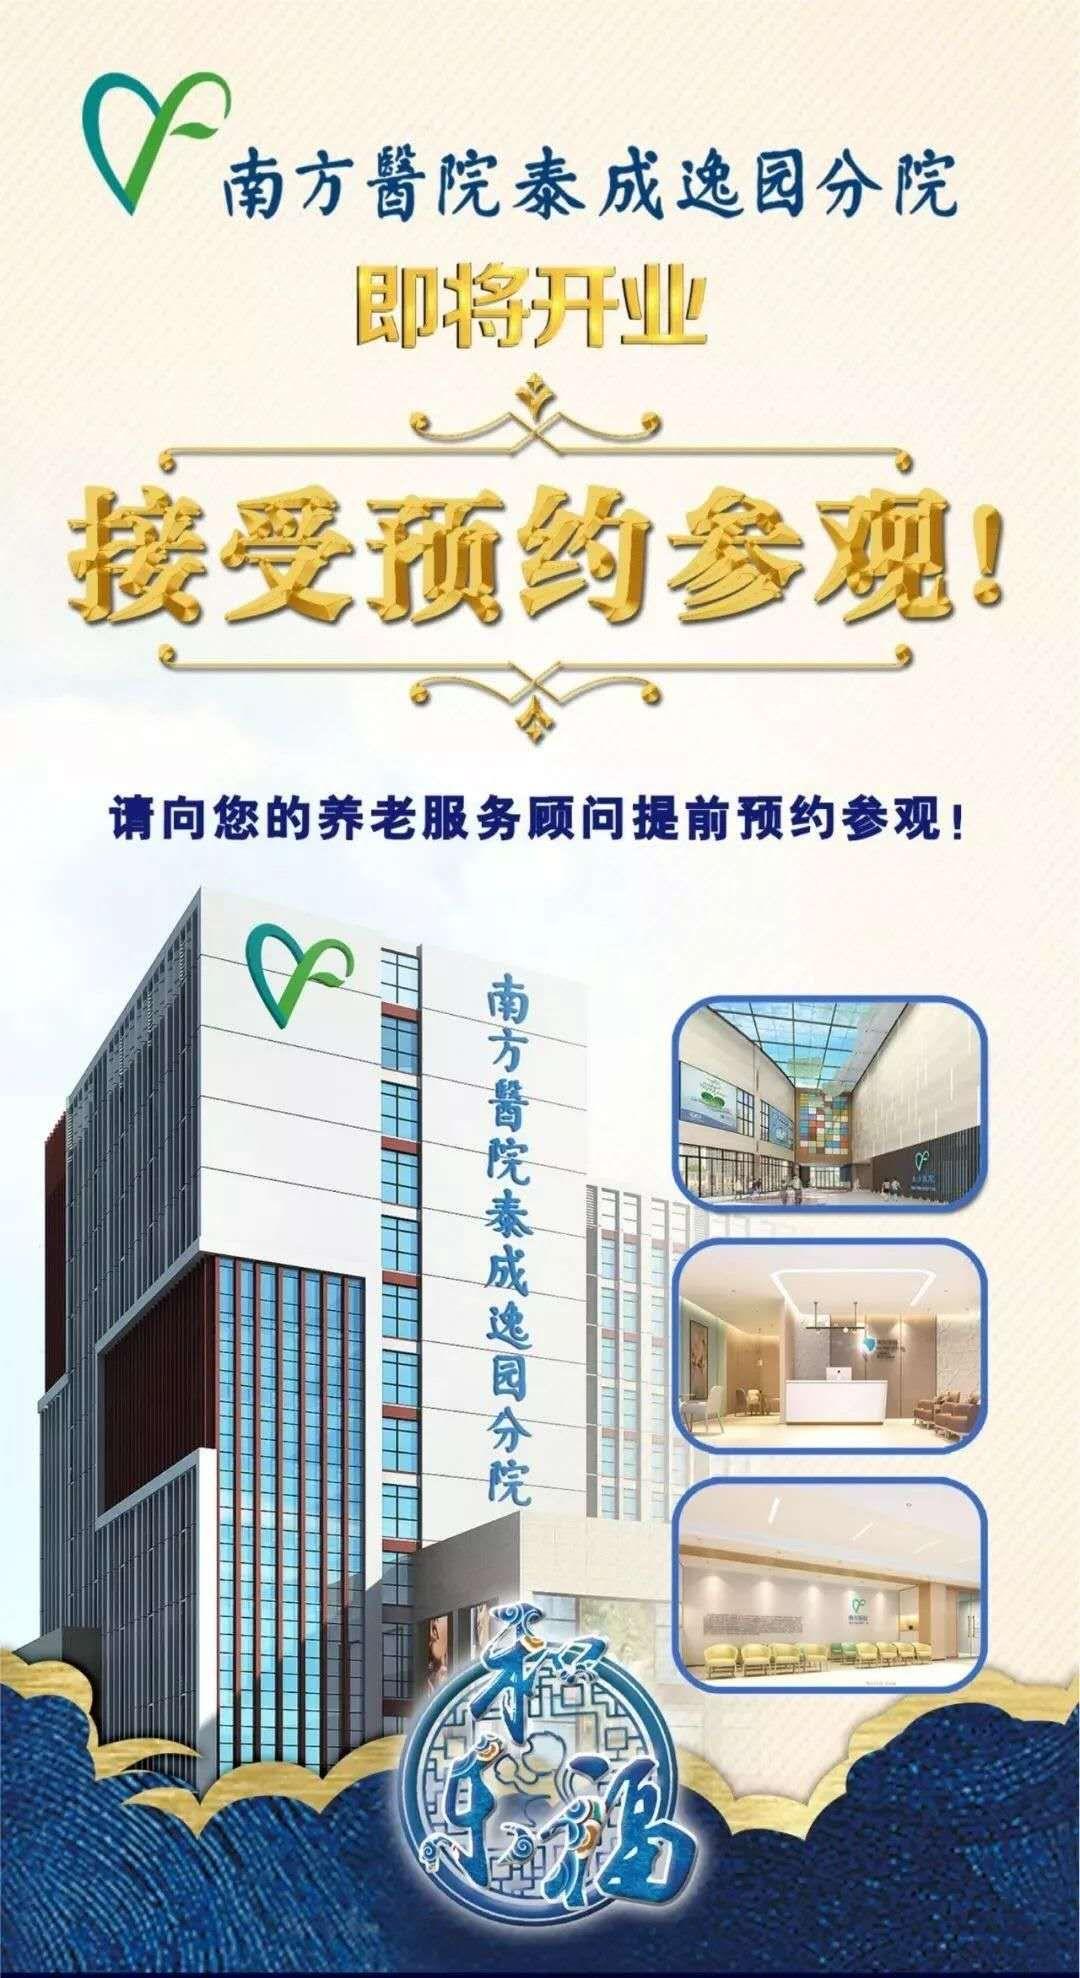 j揭秘2019广州养老院一览表广州排行前十的老人院广州敬老院Top榜单